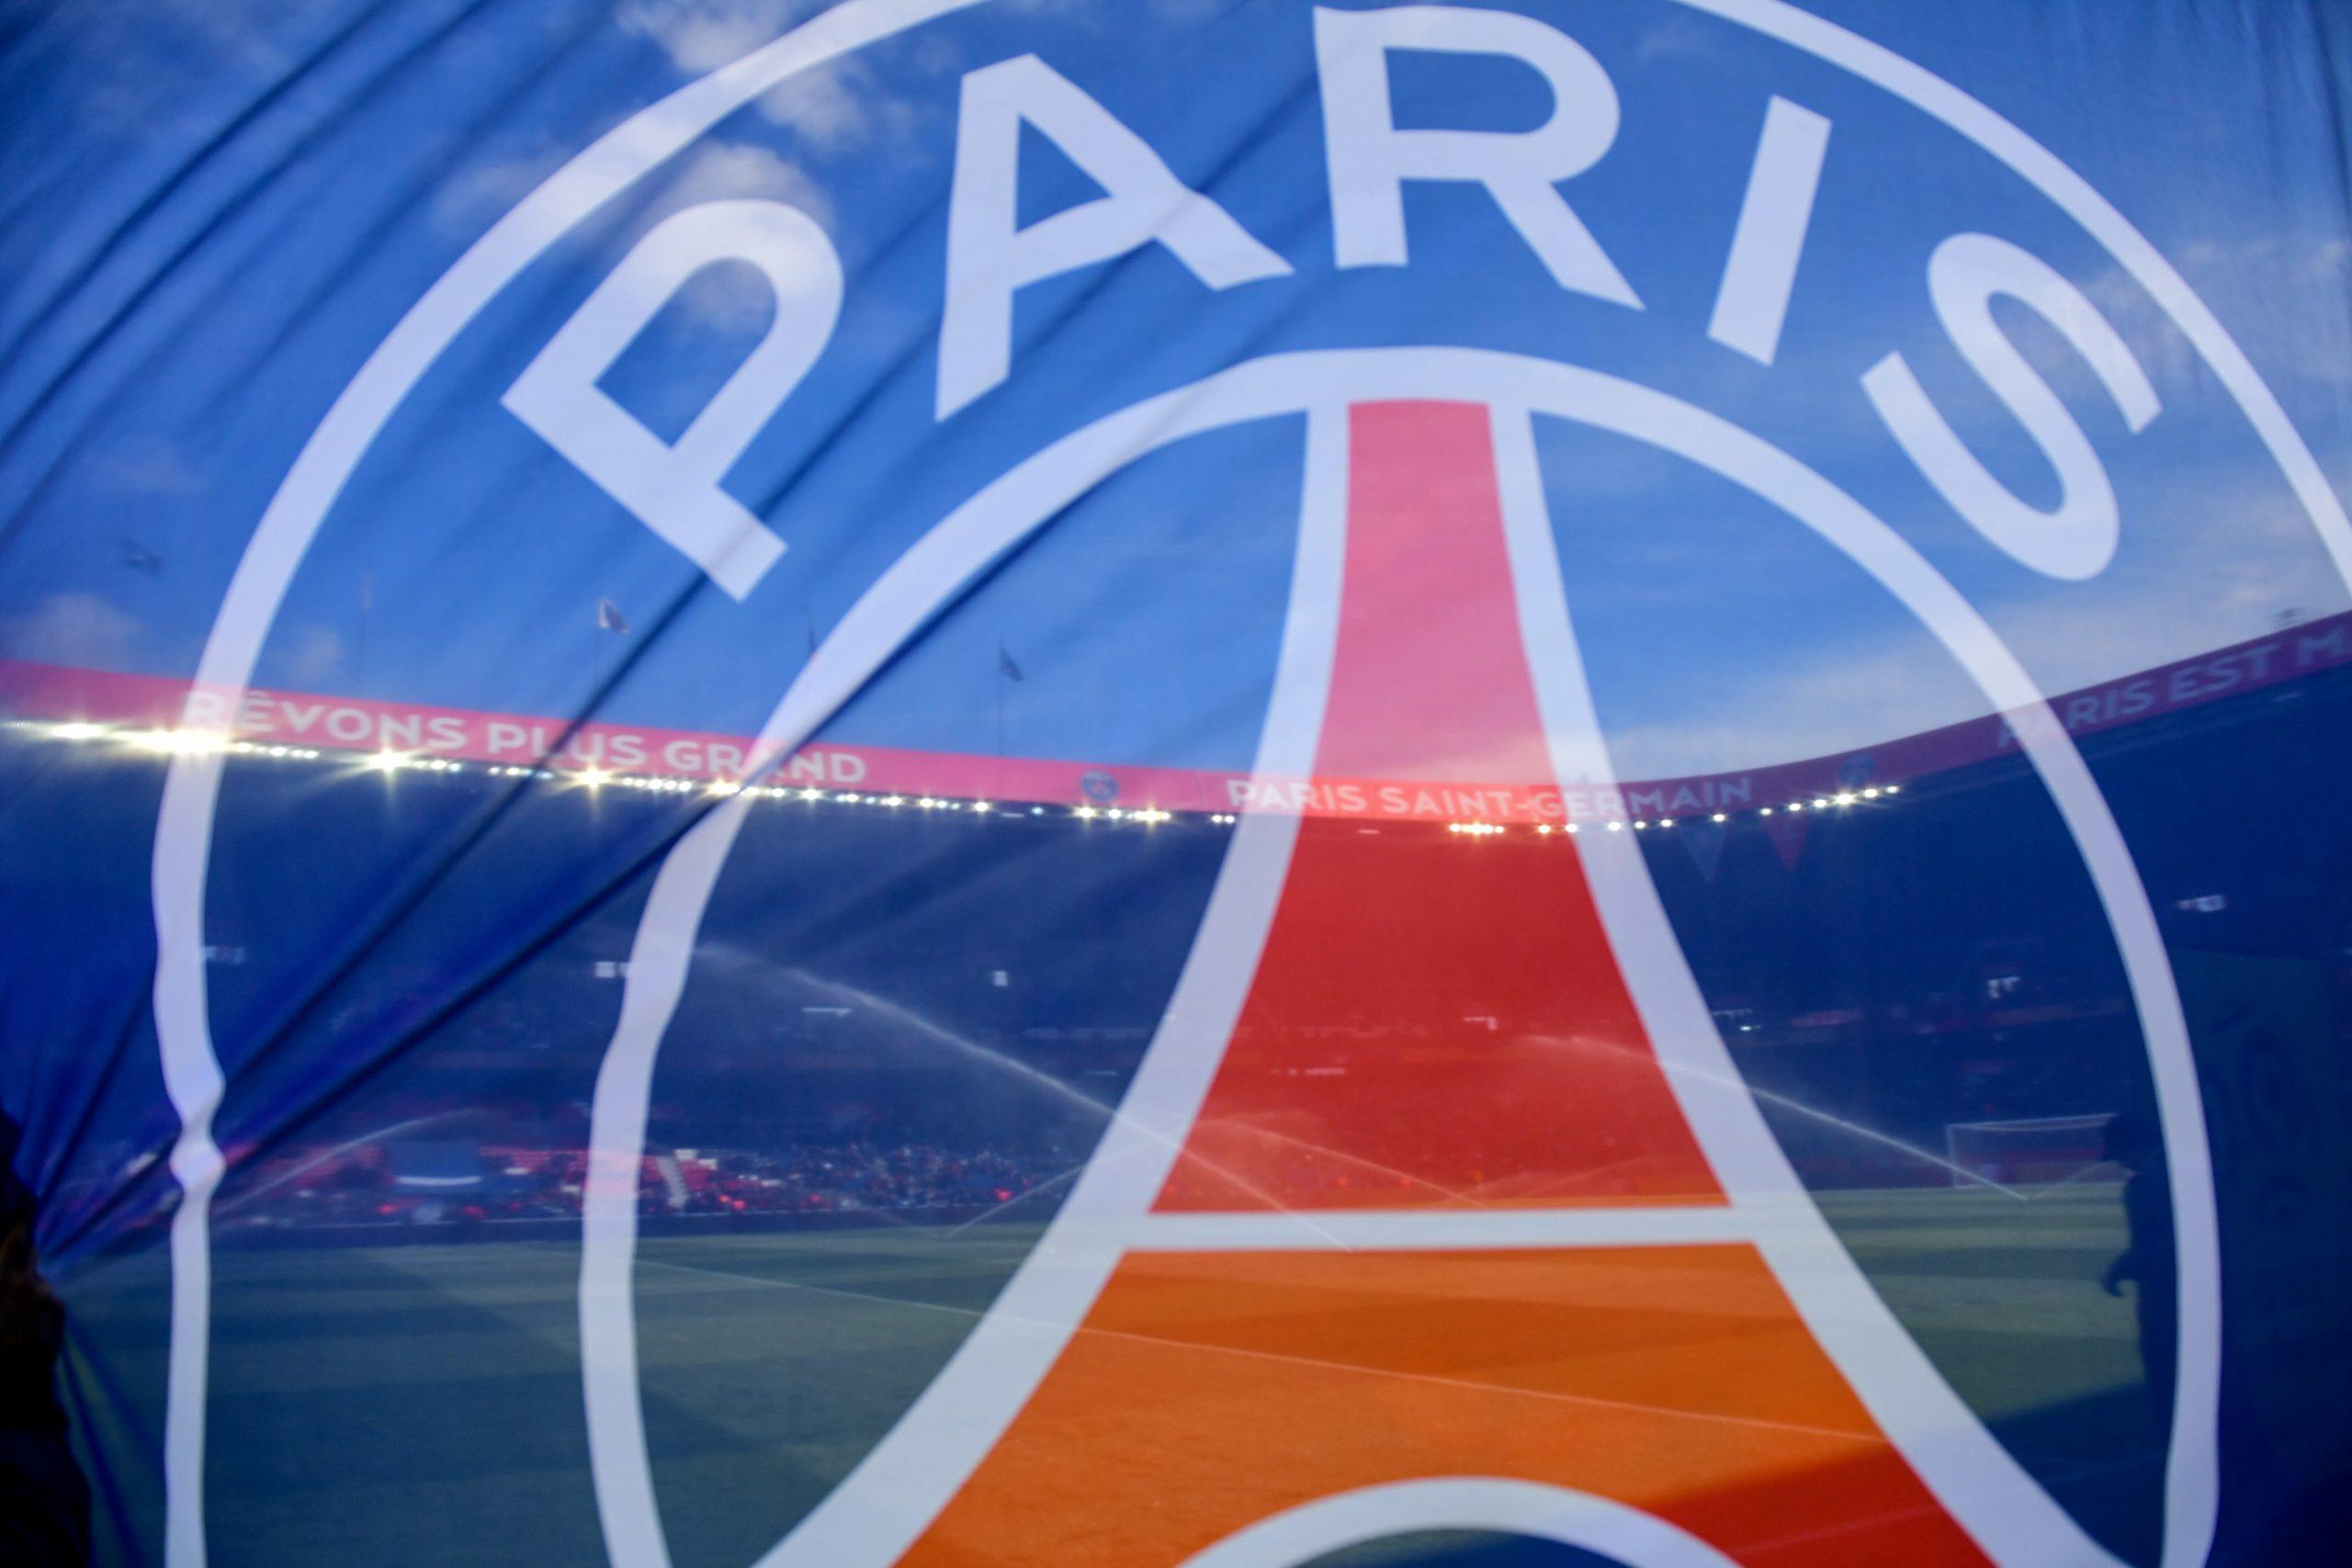 Les U19 du PSG reprendront l'entraînement le 6 juillet, selon RMC Sport